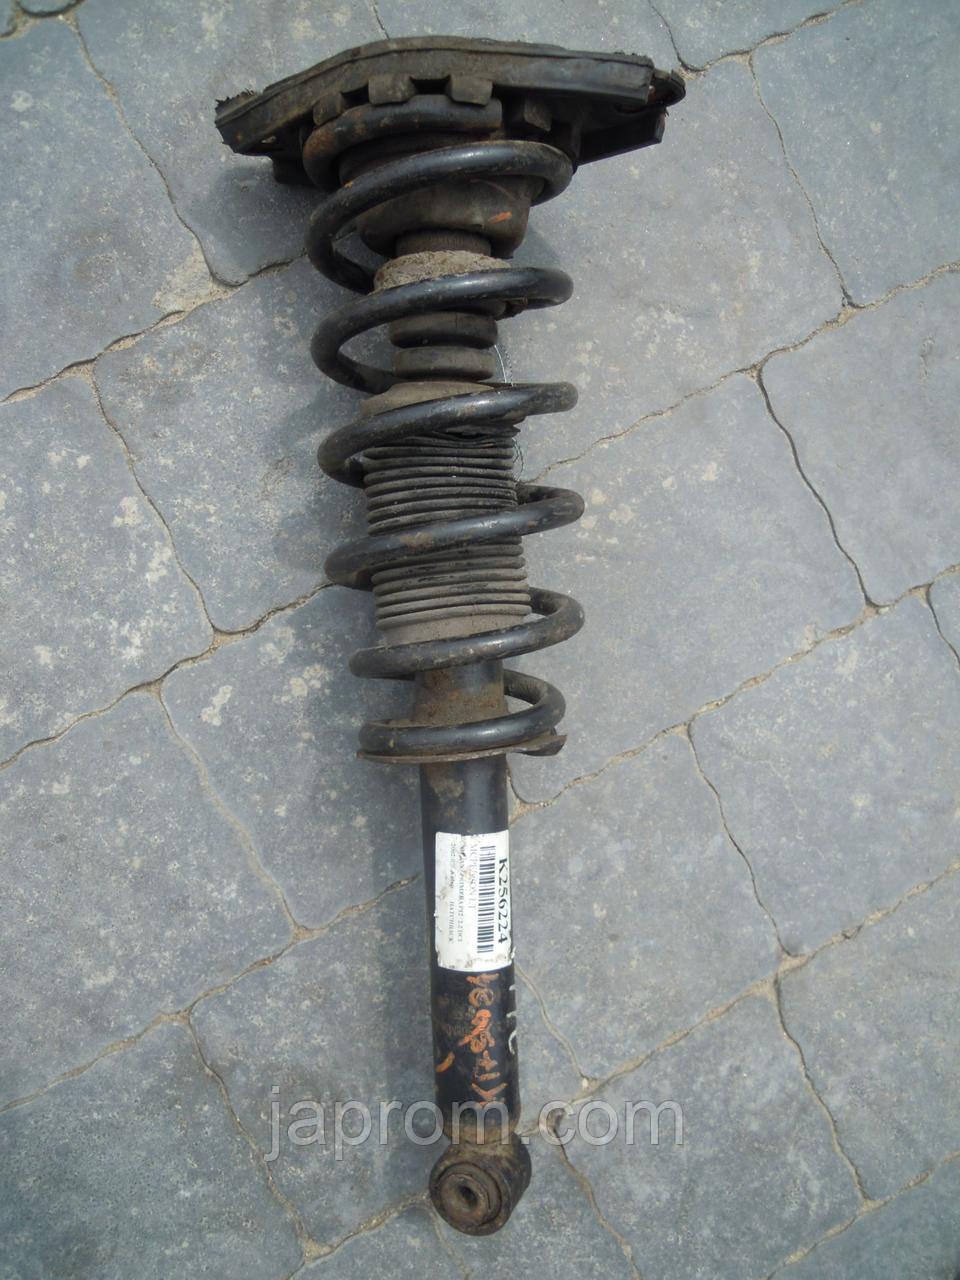 Амортизатор задний в сборе Nissan Primera P12 2002-2008г.в. 2.2 DCI хетчбек